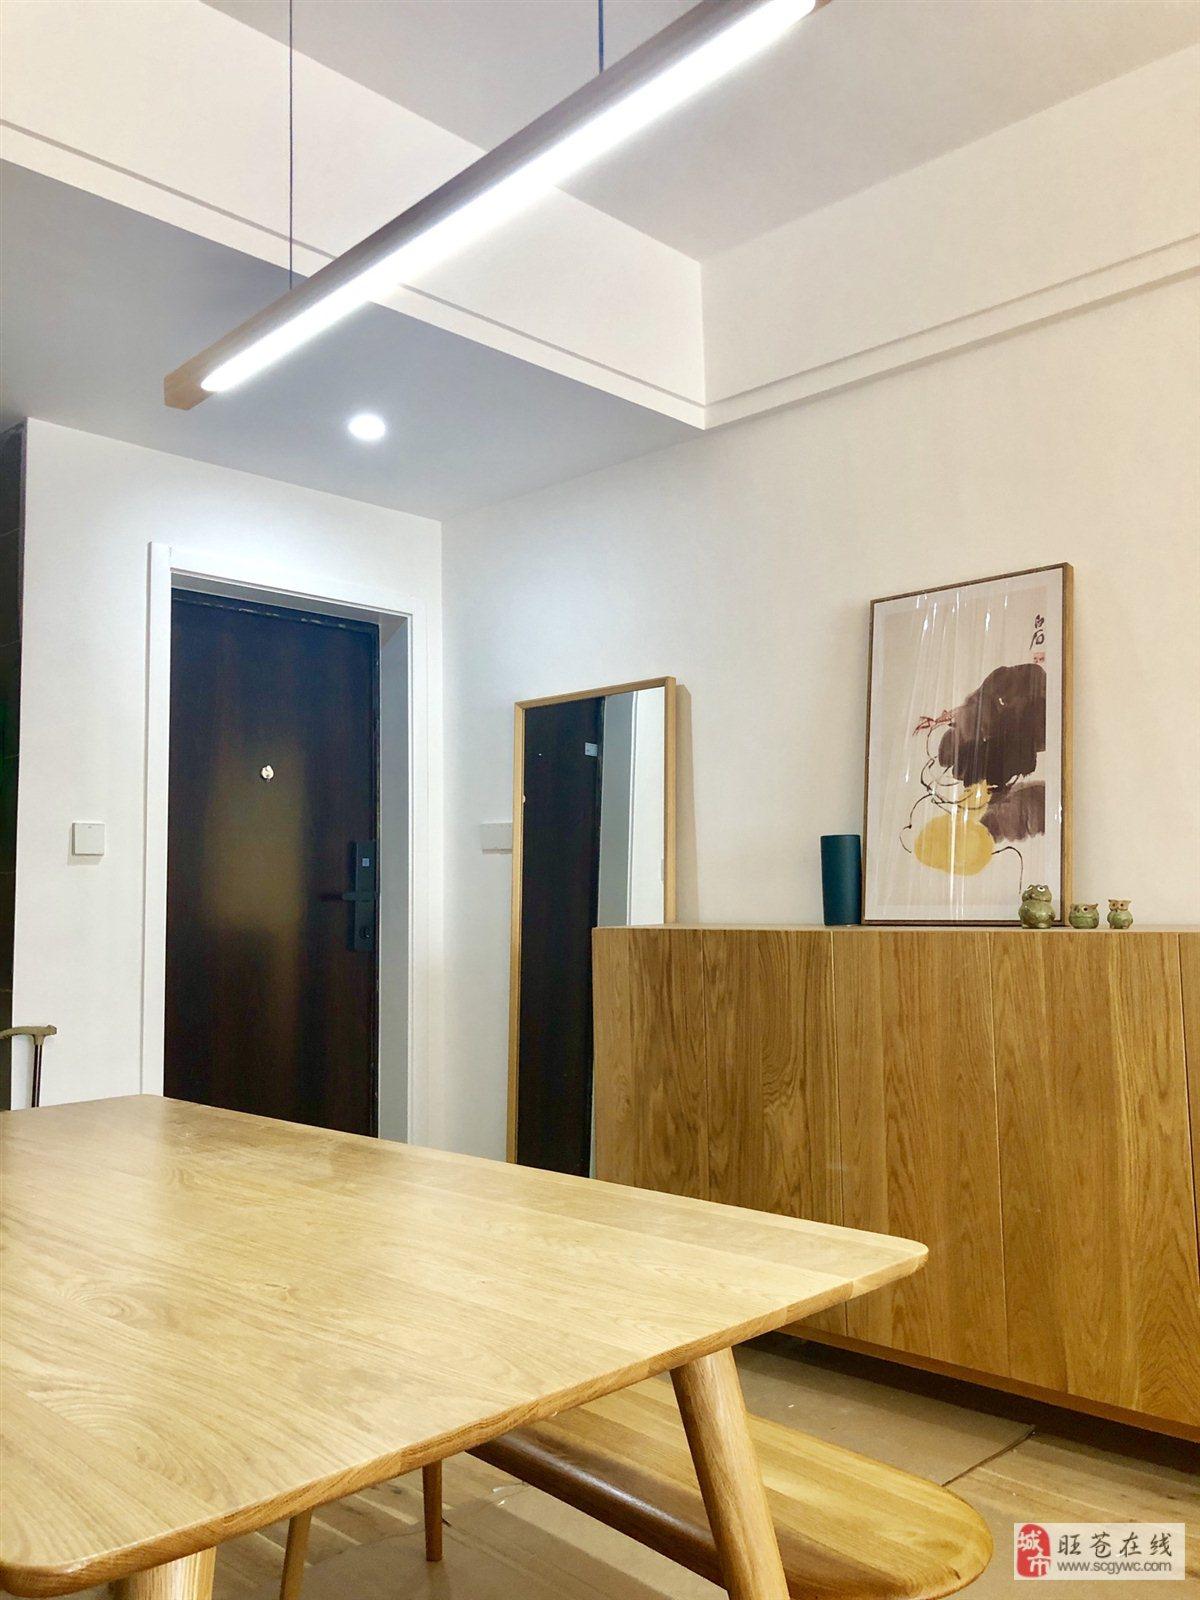 全新装修房东急售红城首府3室 2厅 2卫68万元